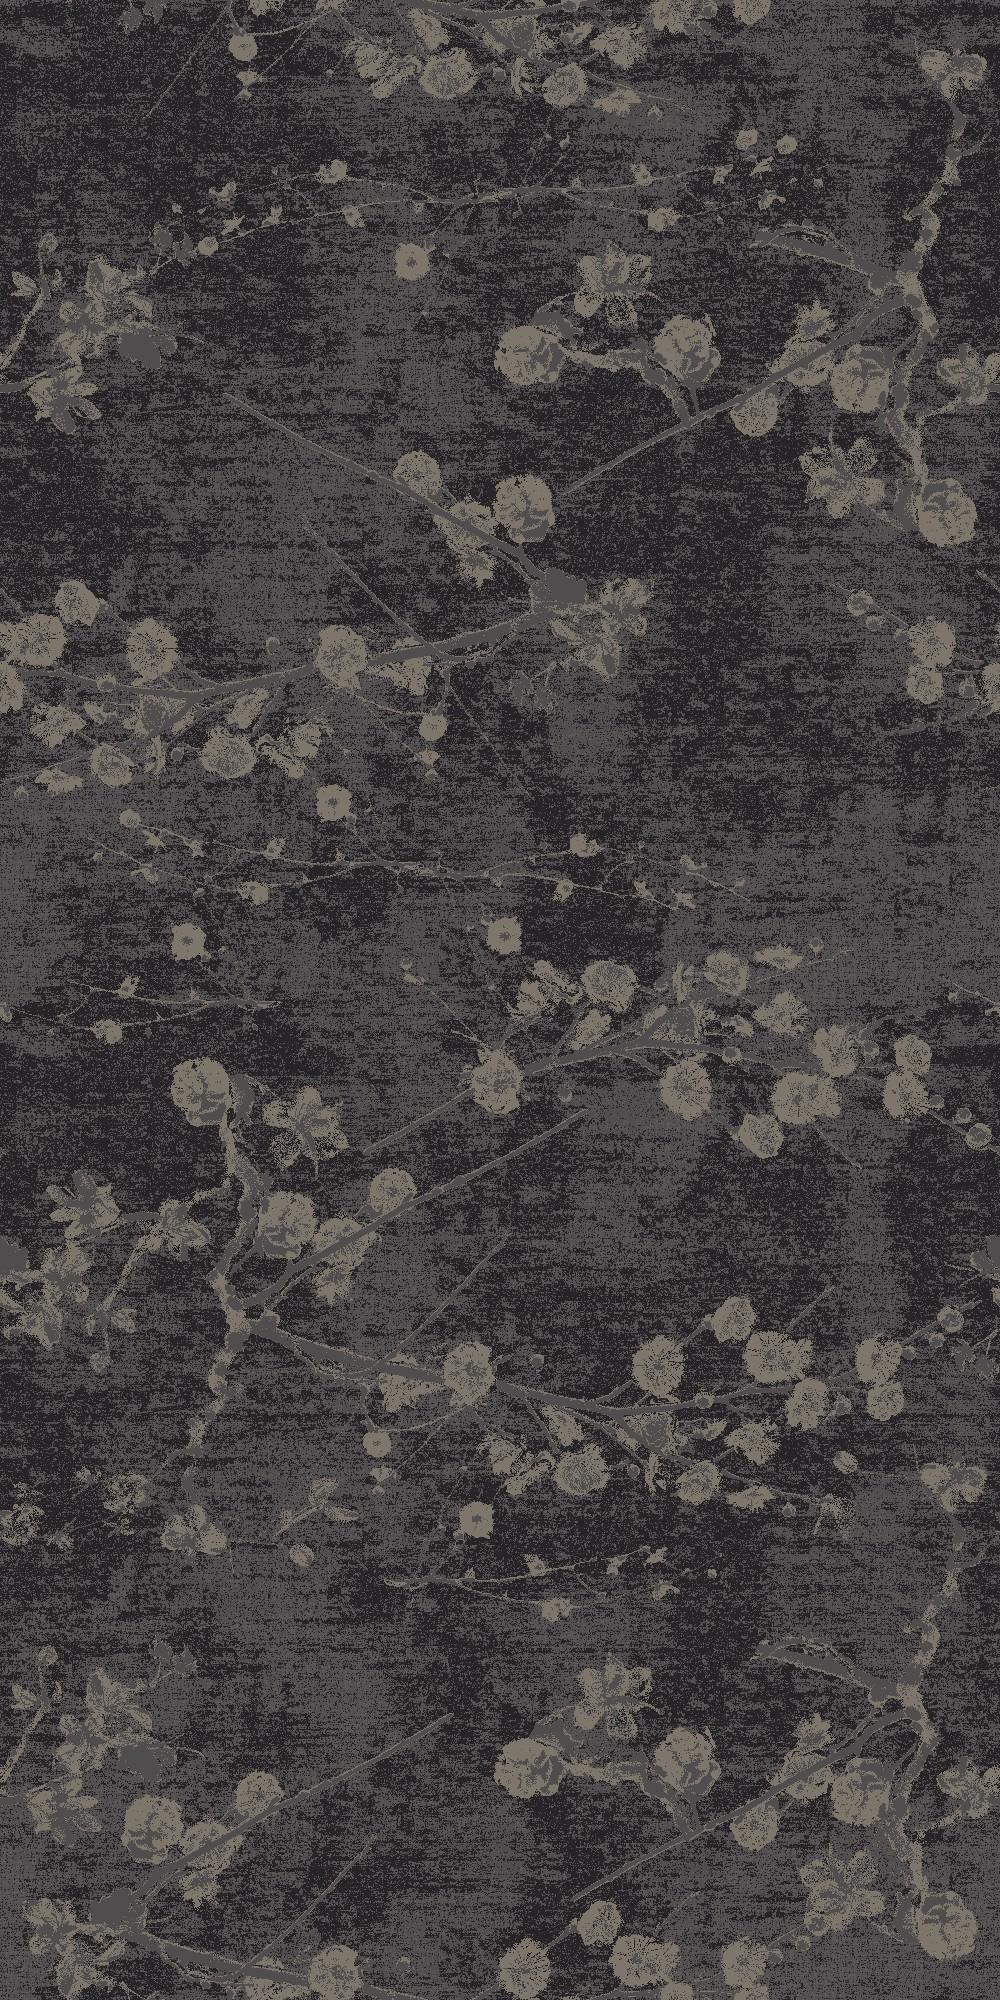 velvet bloom black